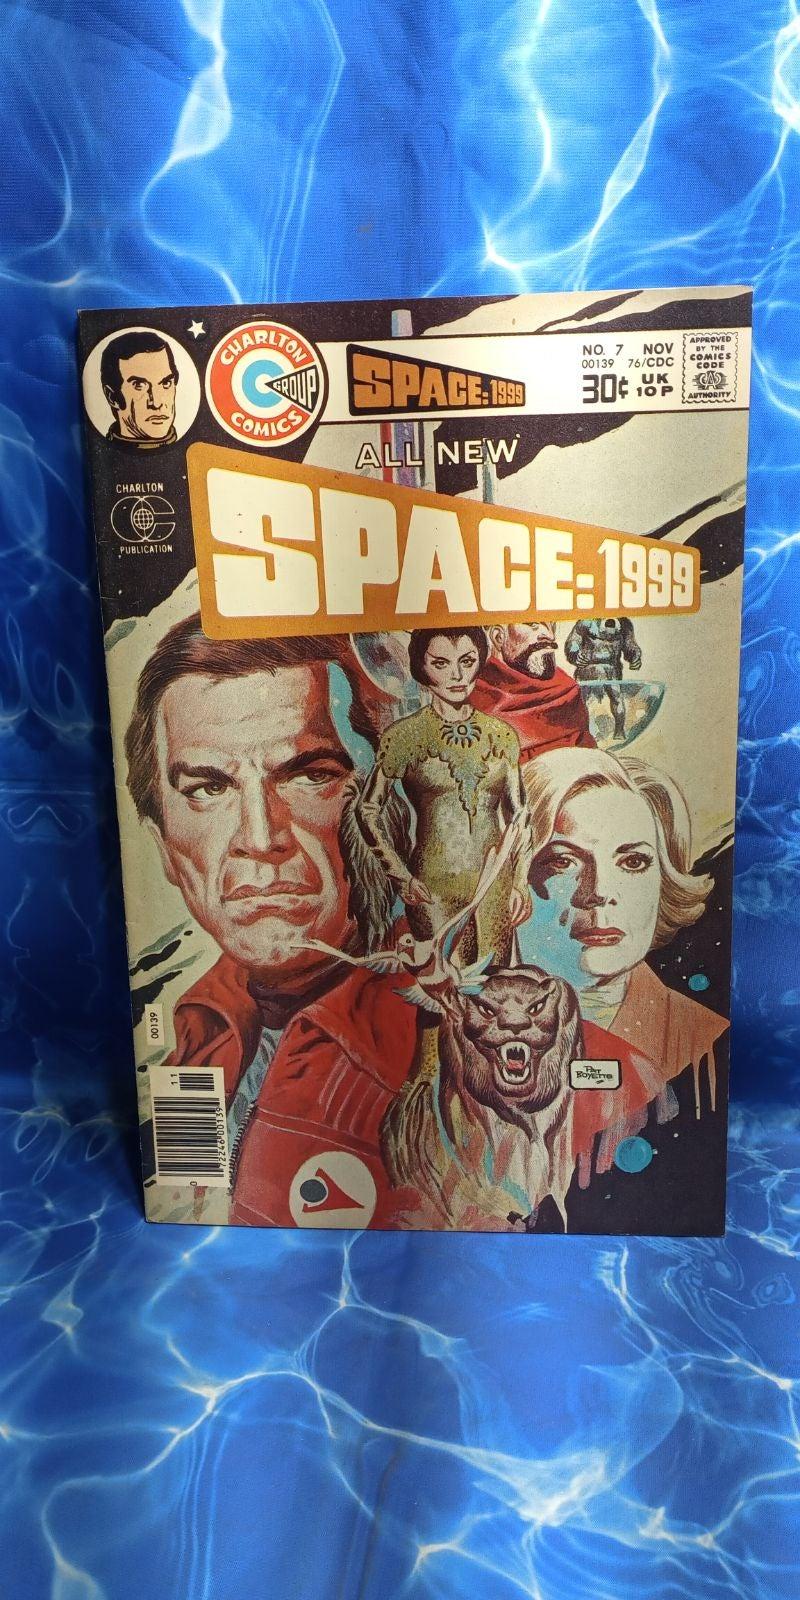 Space 1999 (1975) #7 Published Nov 1976